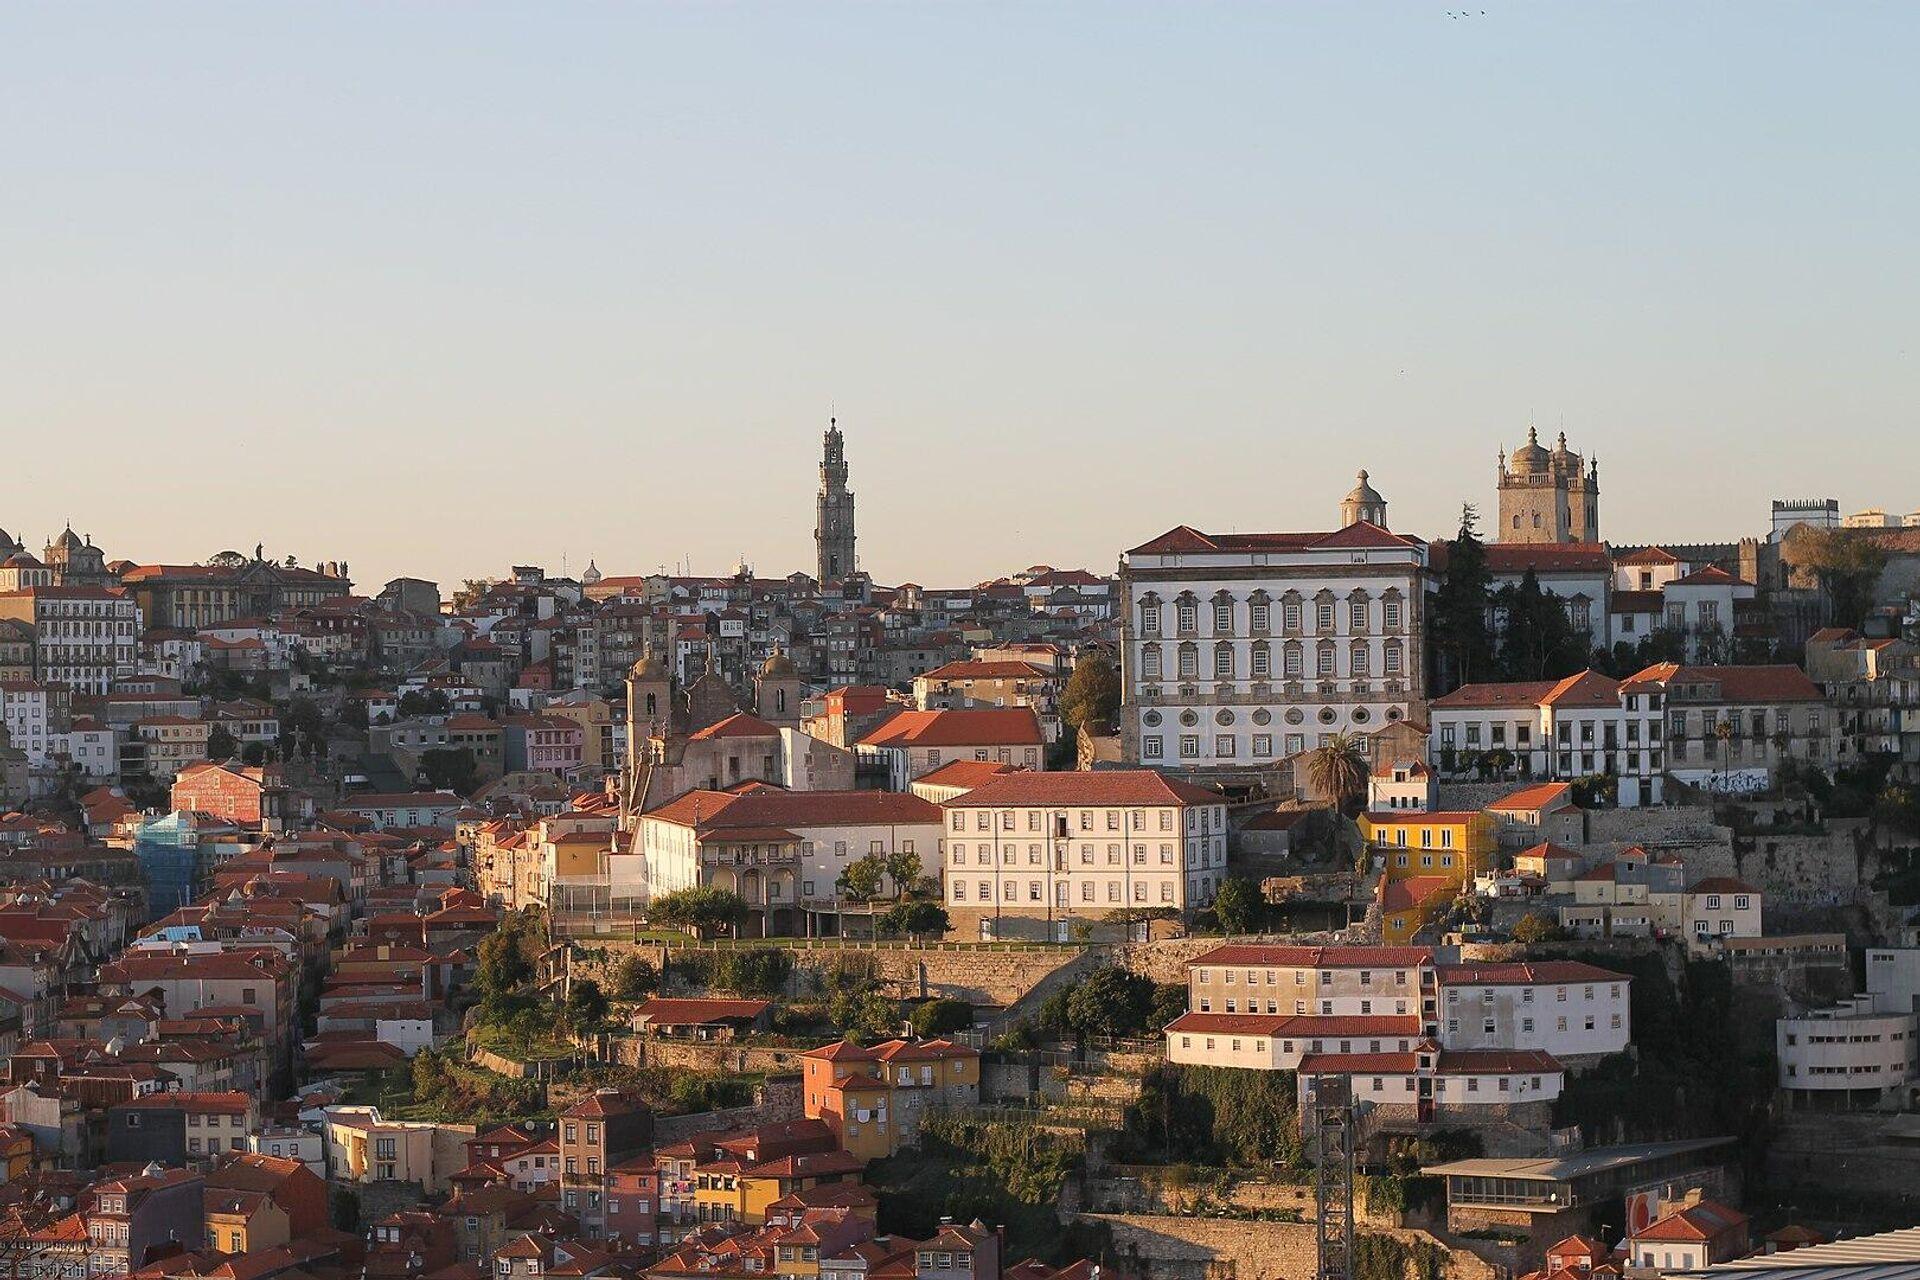 Вид на город Порту в Португалии - РИА Новости, 1920, 29.01.2021